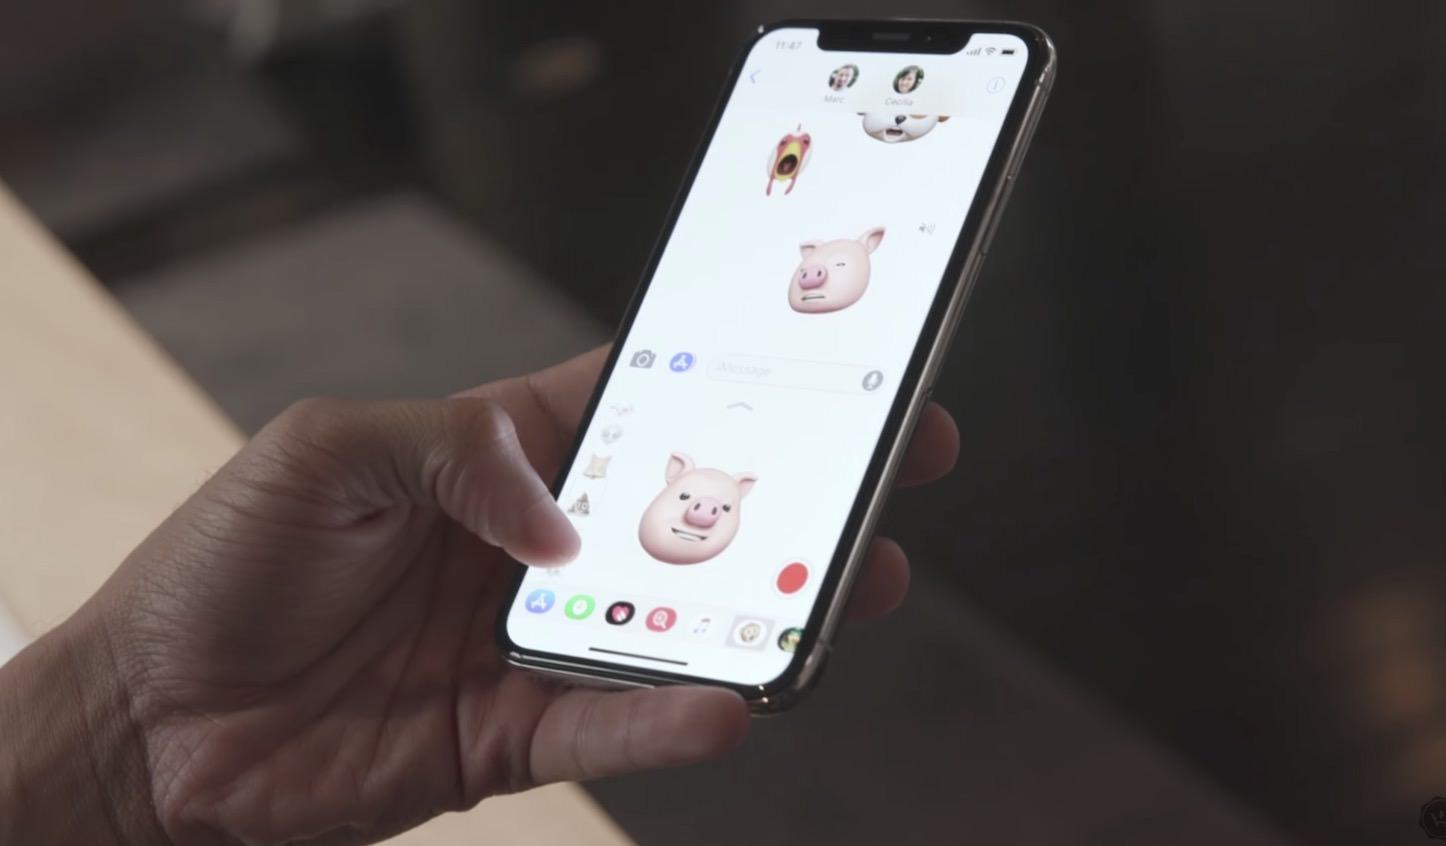 Youtubers Hands On iPhoneX